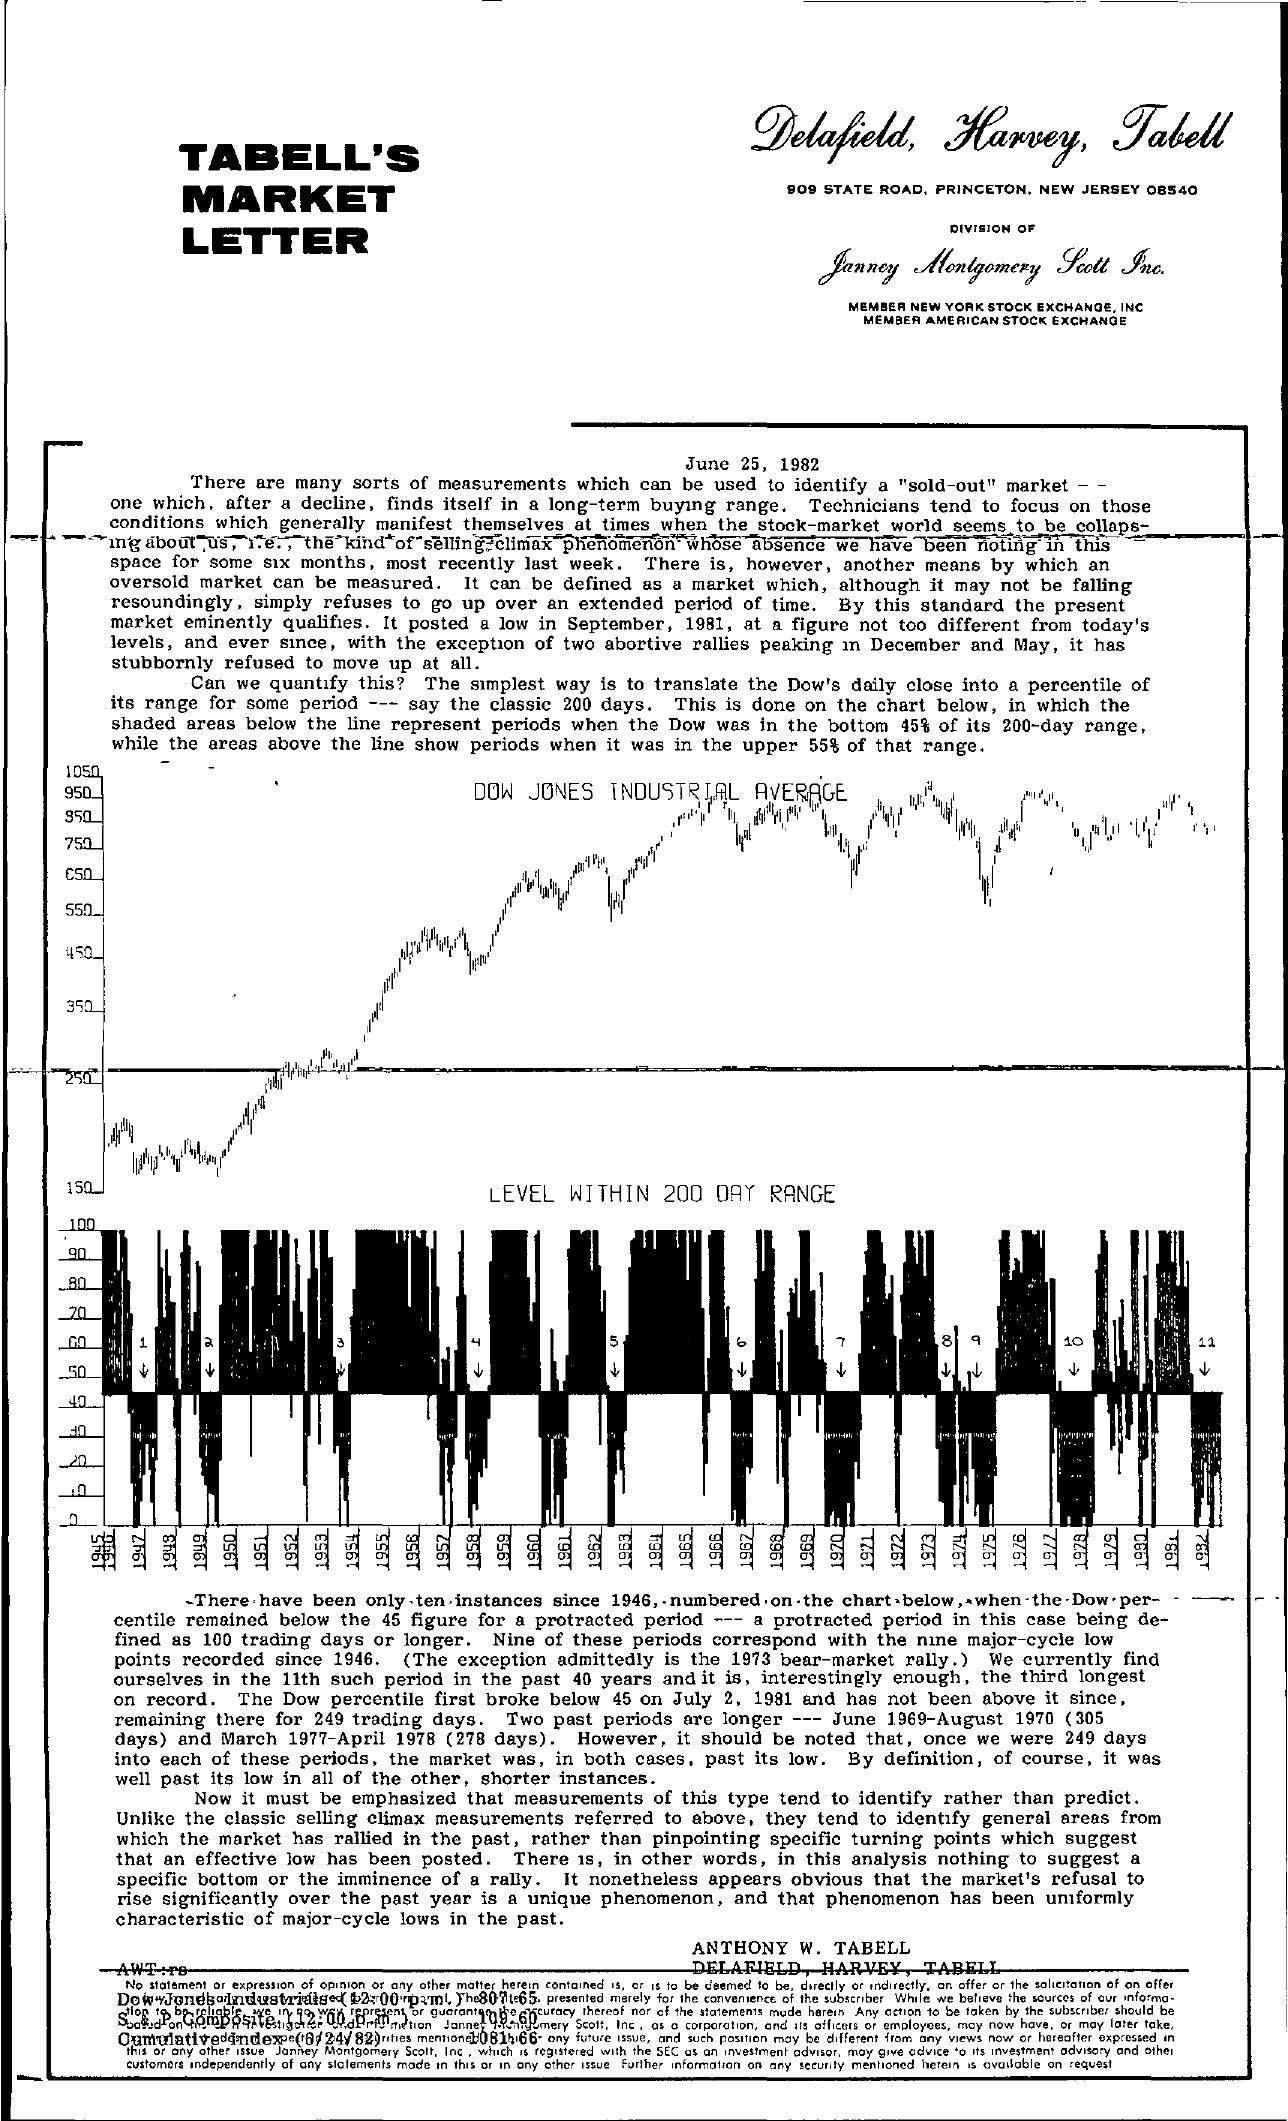 Tabell's Market Letter - June 25, 1982